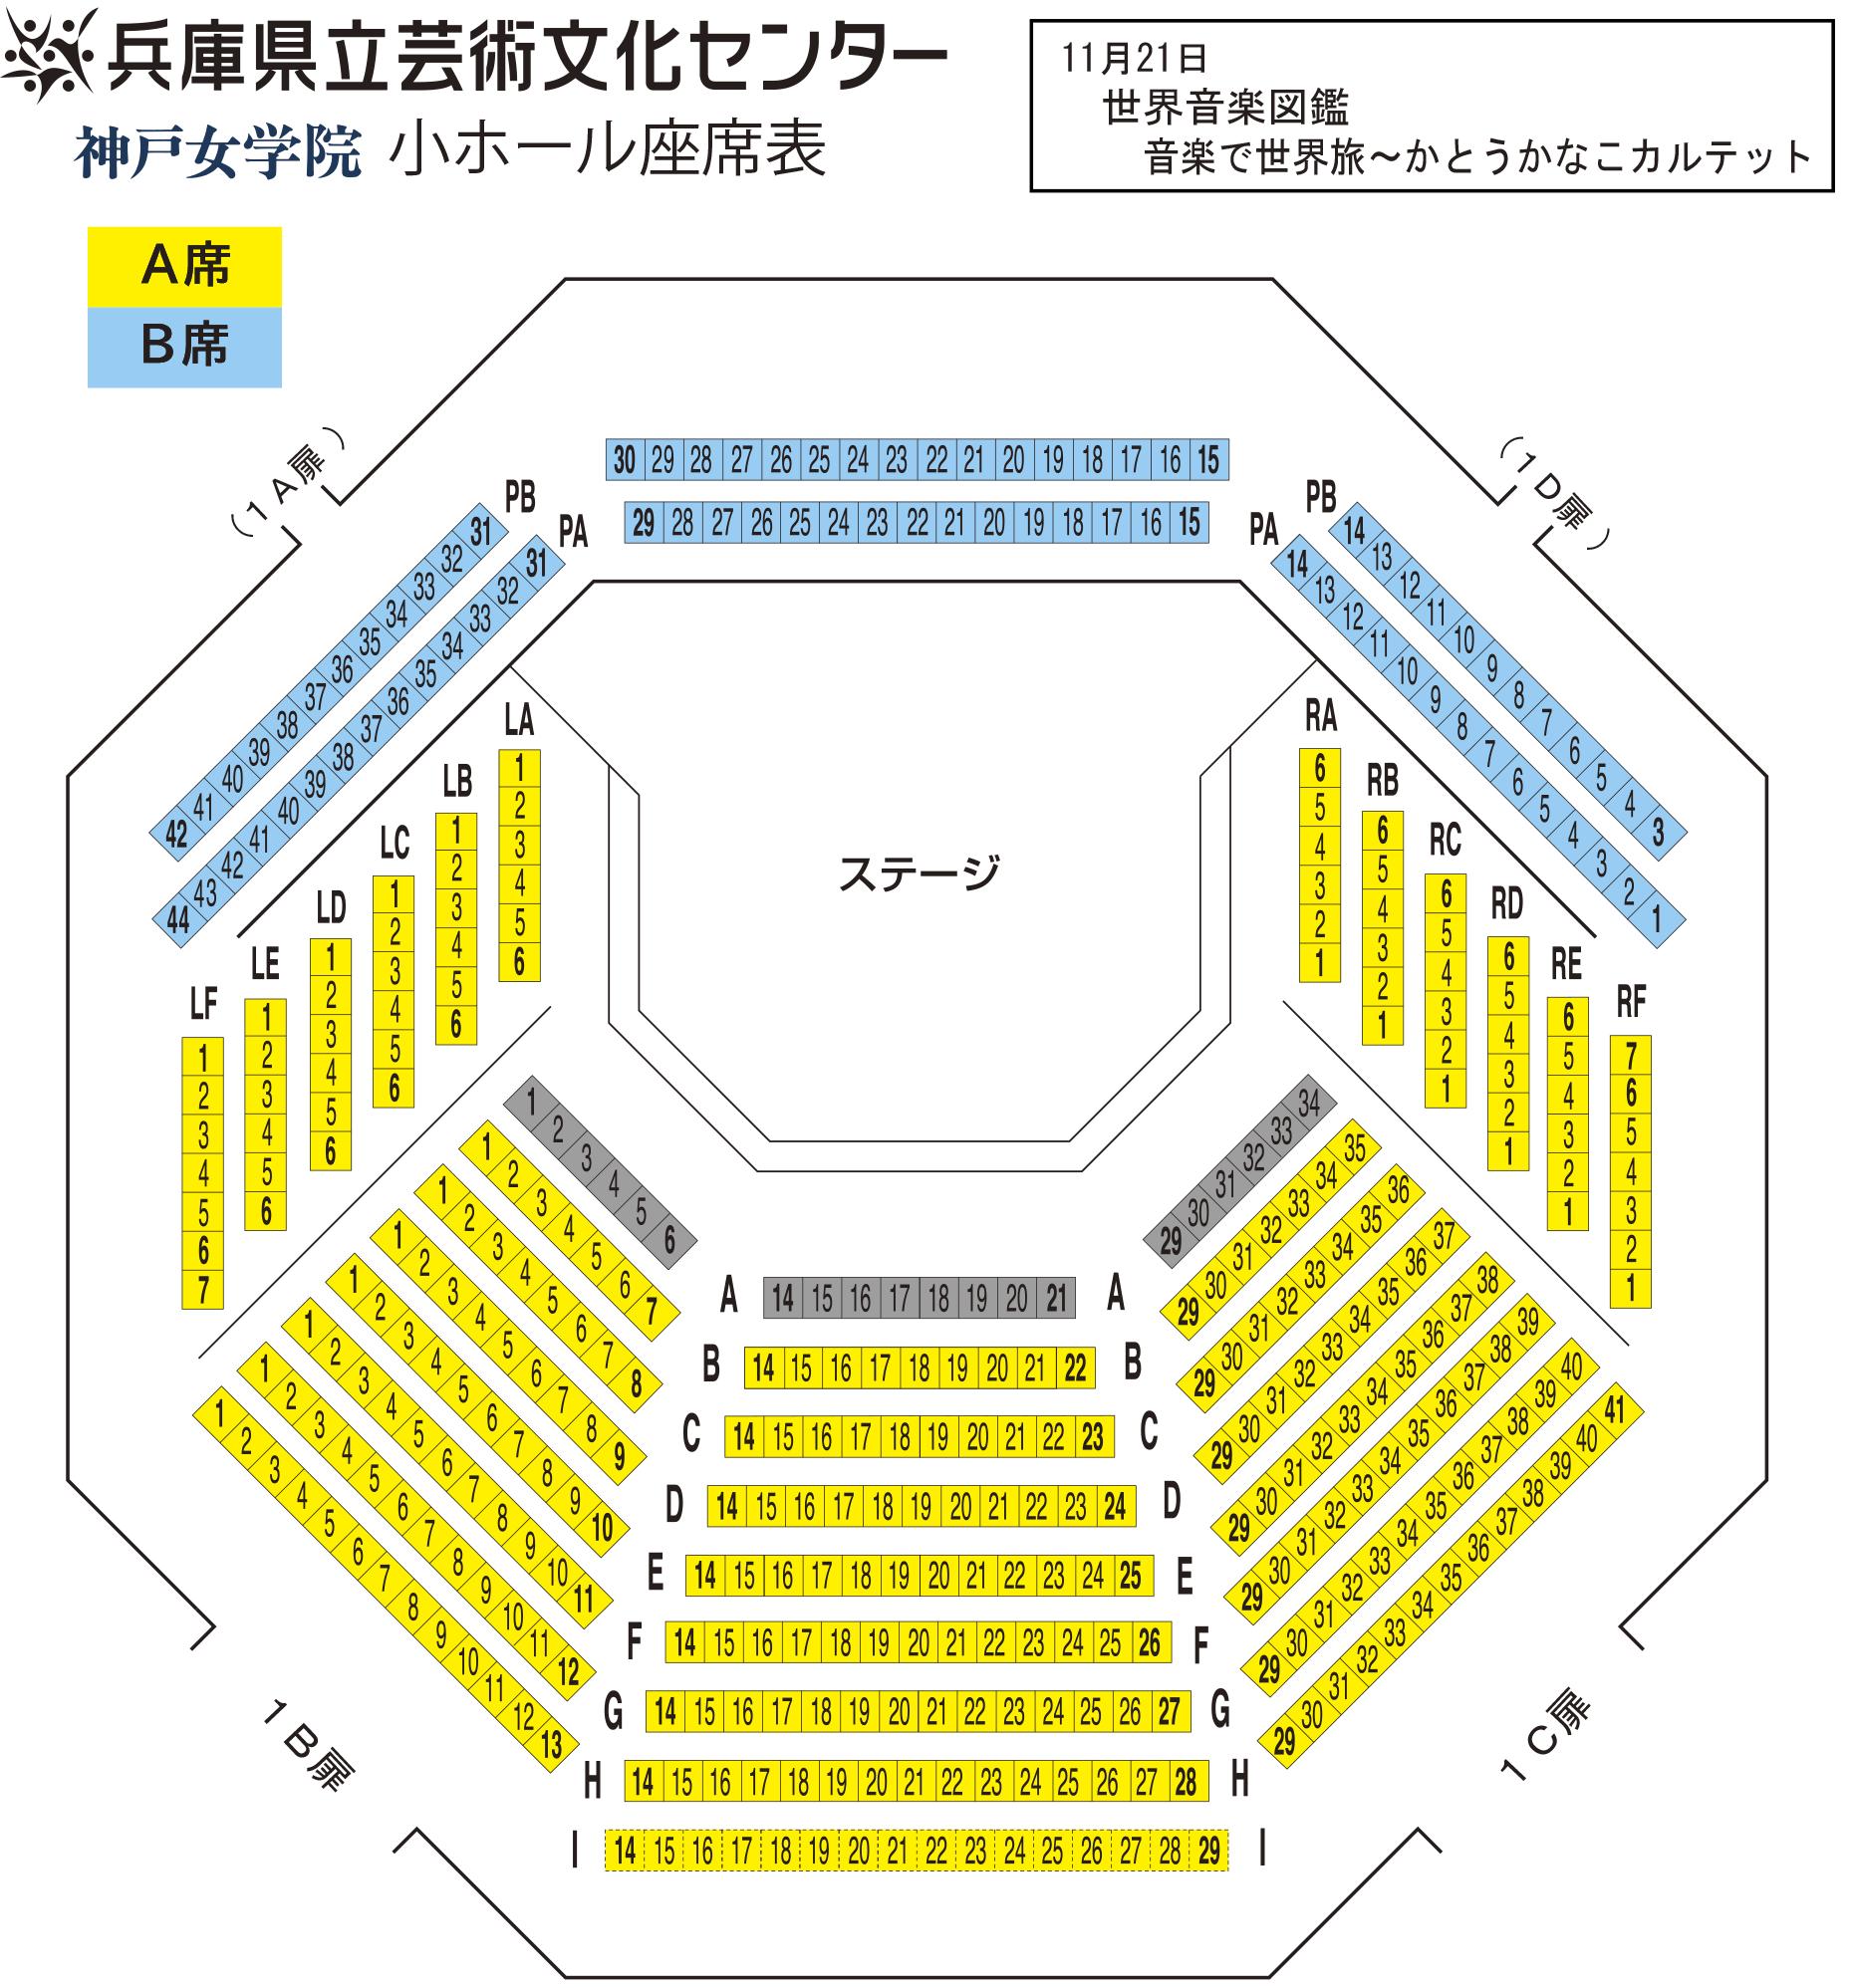 神戸女学院小ホール座席表